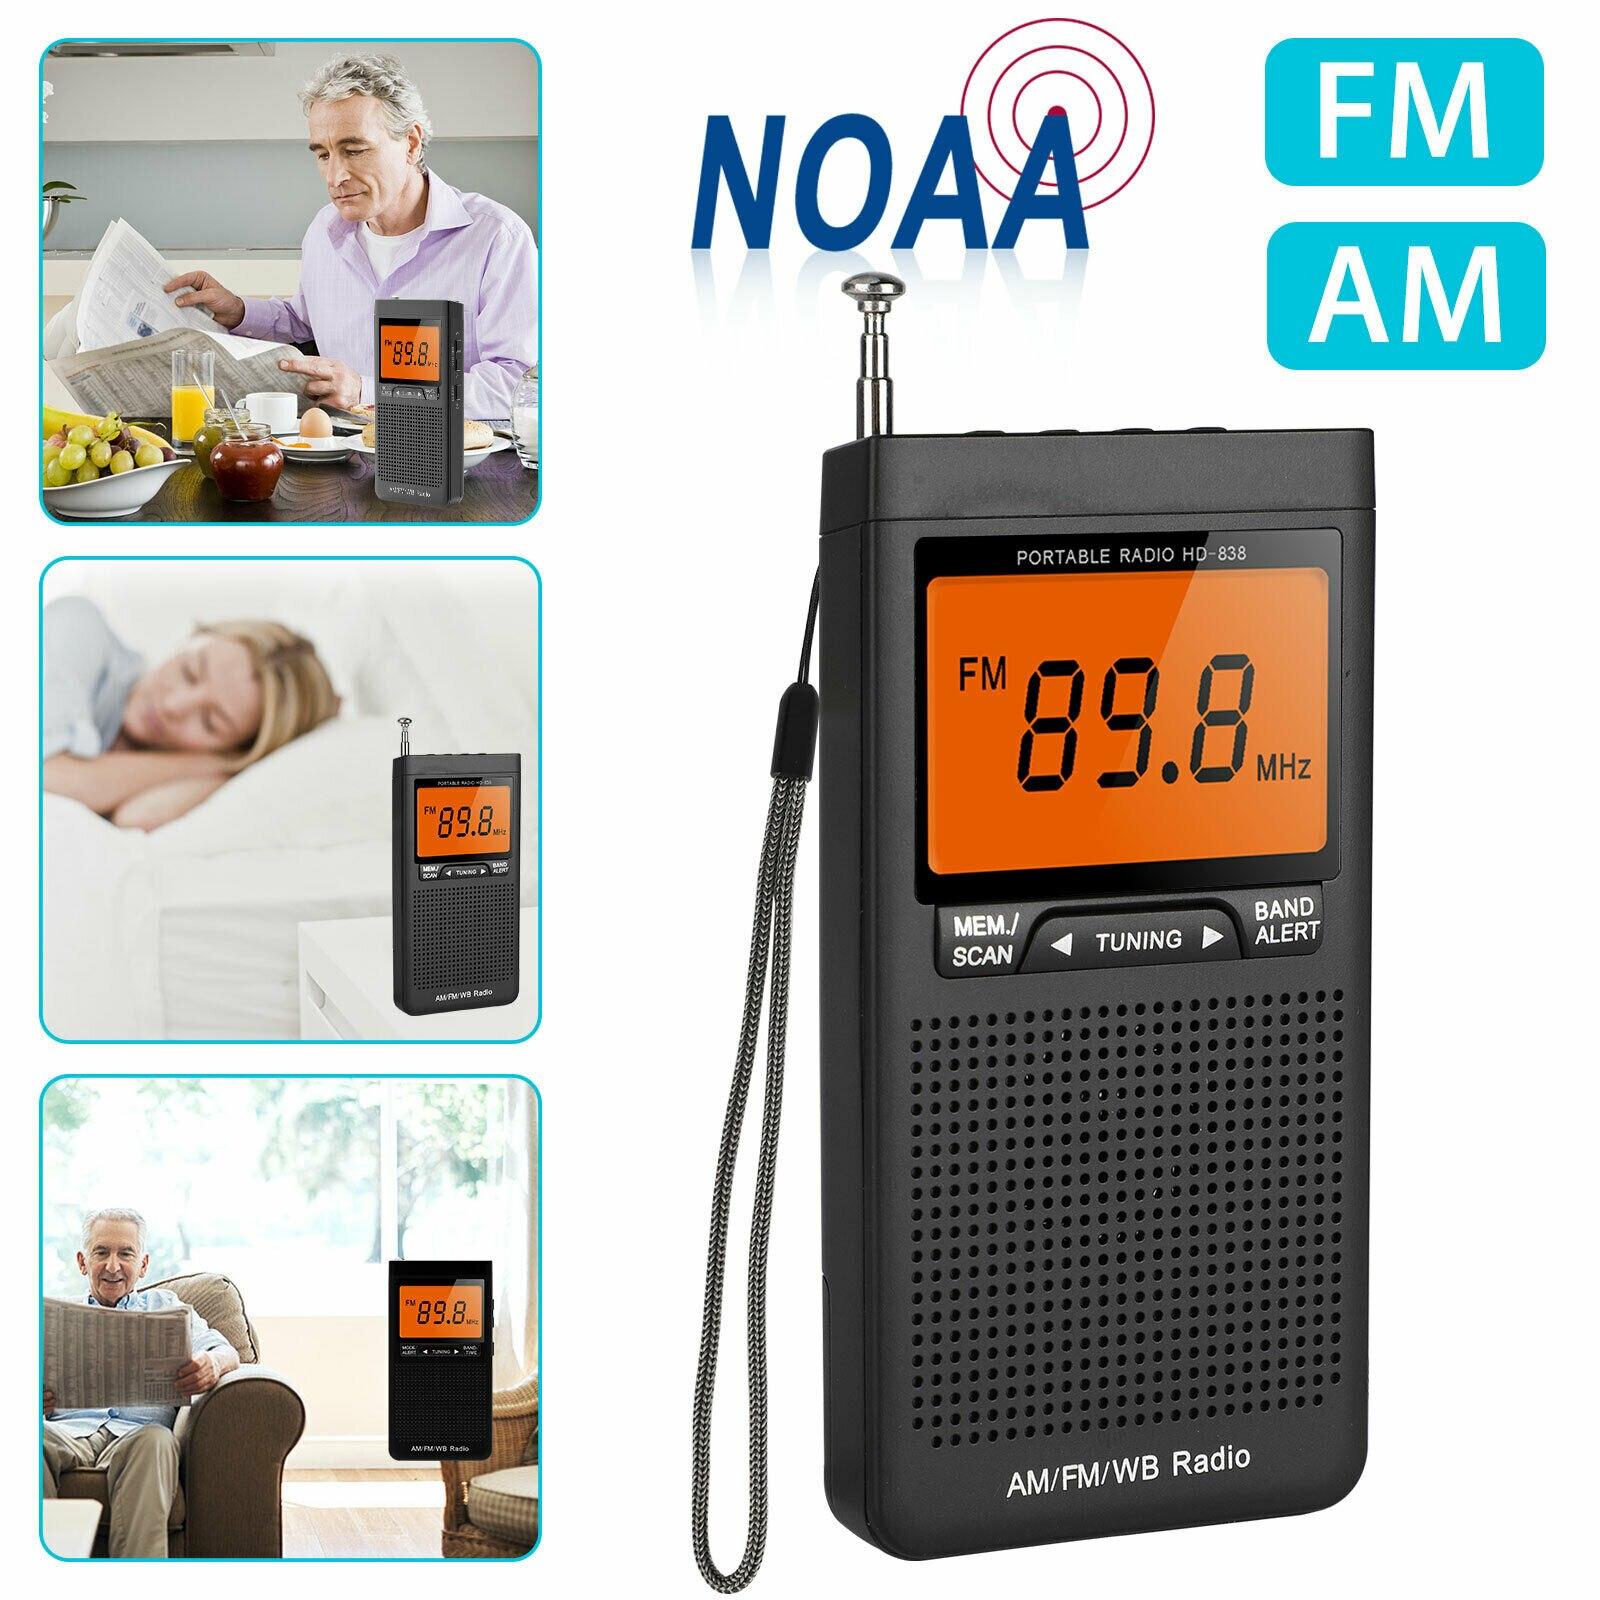 راديو جيب Am Fm ، مكبر صوت محمول ، راديو طقس صغير ، مستقبل هوائي بحث تلقائي مع مقبس سماعة رأس ، راديو طوارئ خارجي